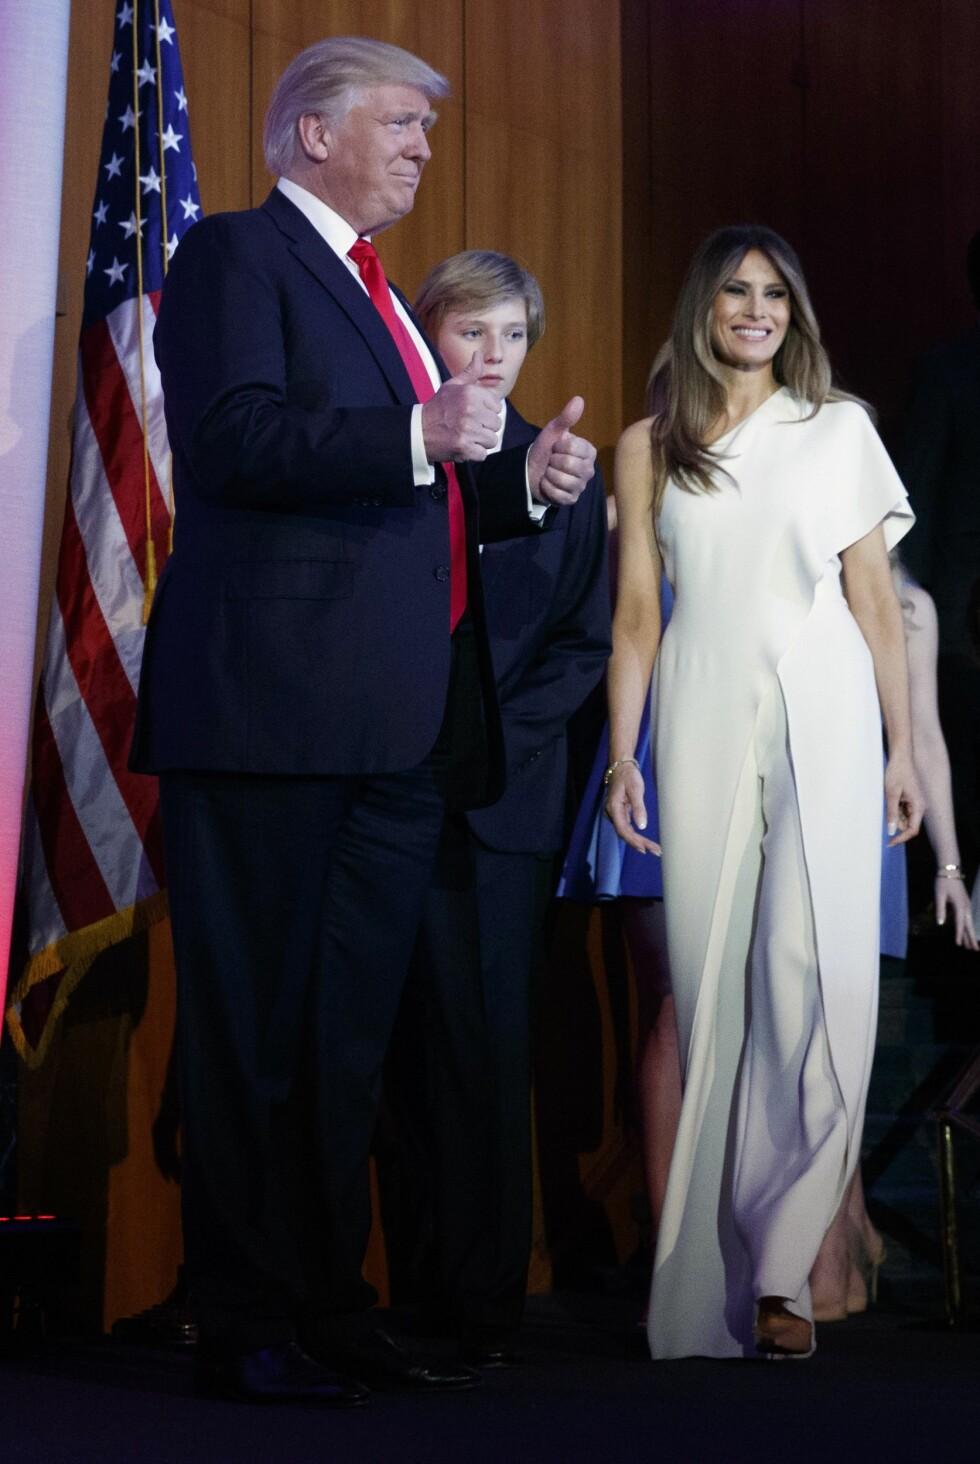 TOMMEL OPP: Her er det klart at Donald Trump er USAs nye president, og Melania Trump stråler i denne hvite jumpsuiten. Tommel opp fra oss på denne, Melania! Foto: Ap